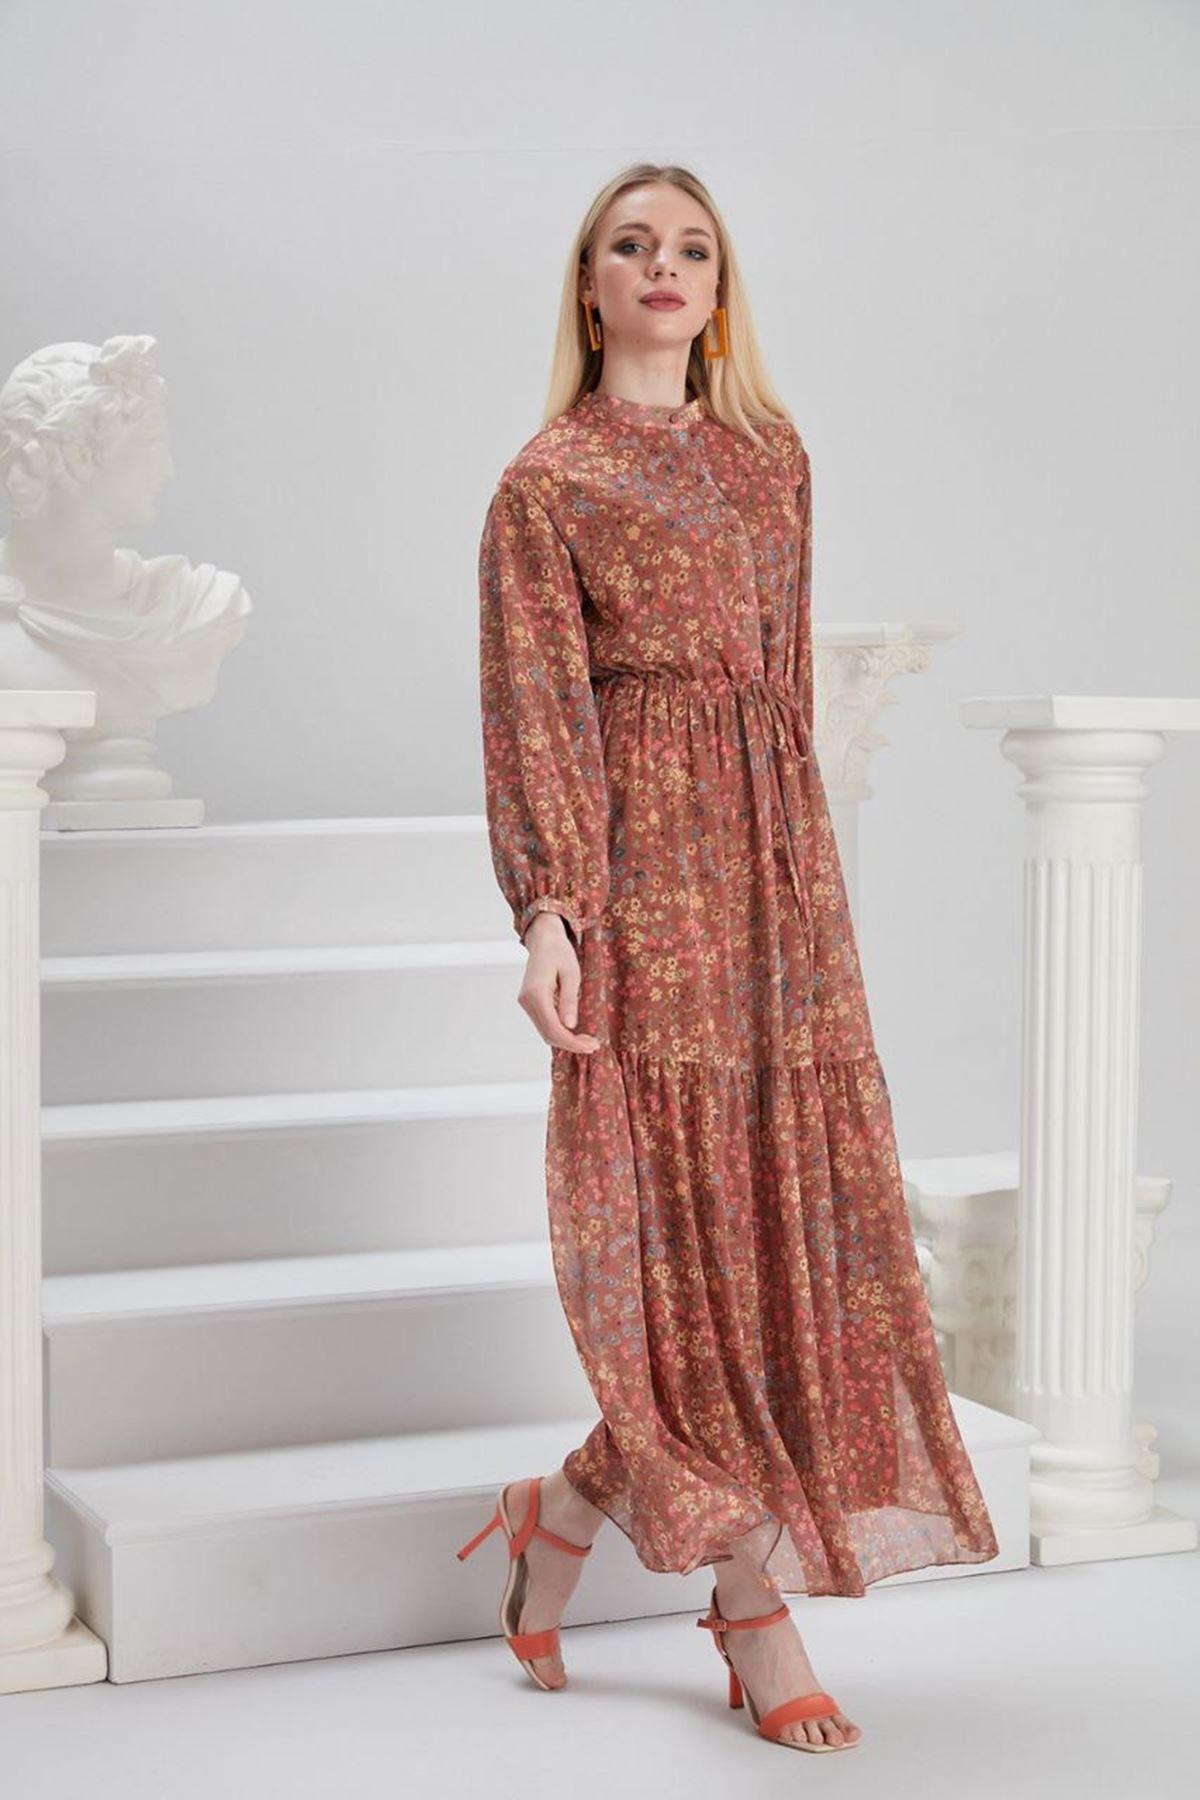 Kadın Beli Bağıcıklı Desenli Elbise - Kiremit